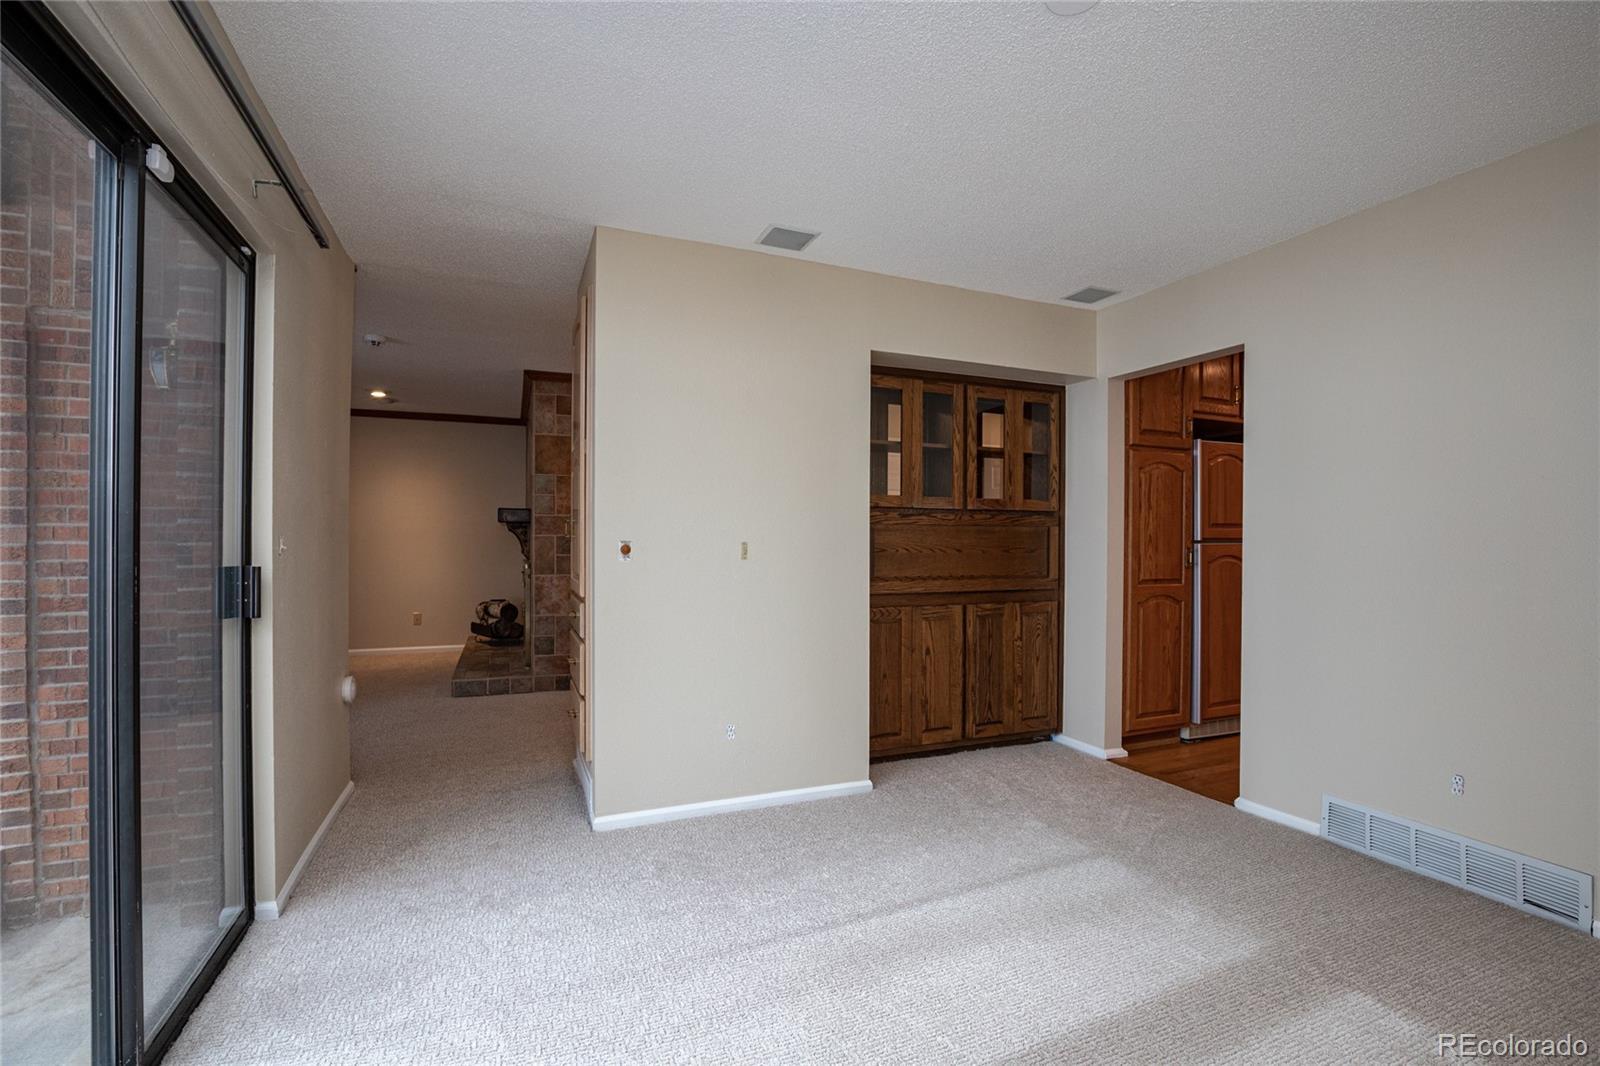 MLS# 8955616 - 9 - 6000 W Mansfield Avenue #15, Denver, CO 80235